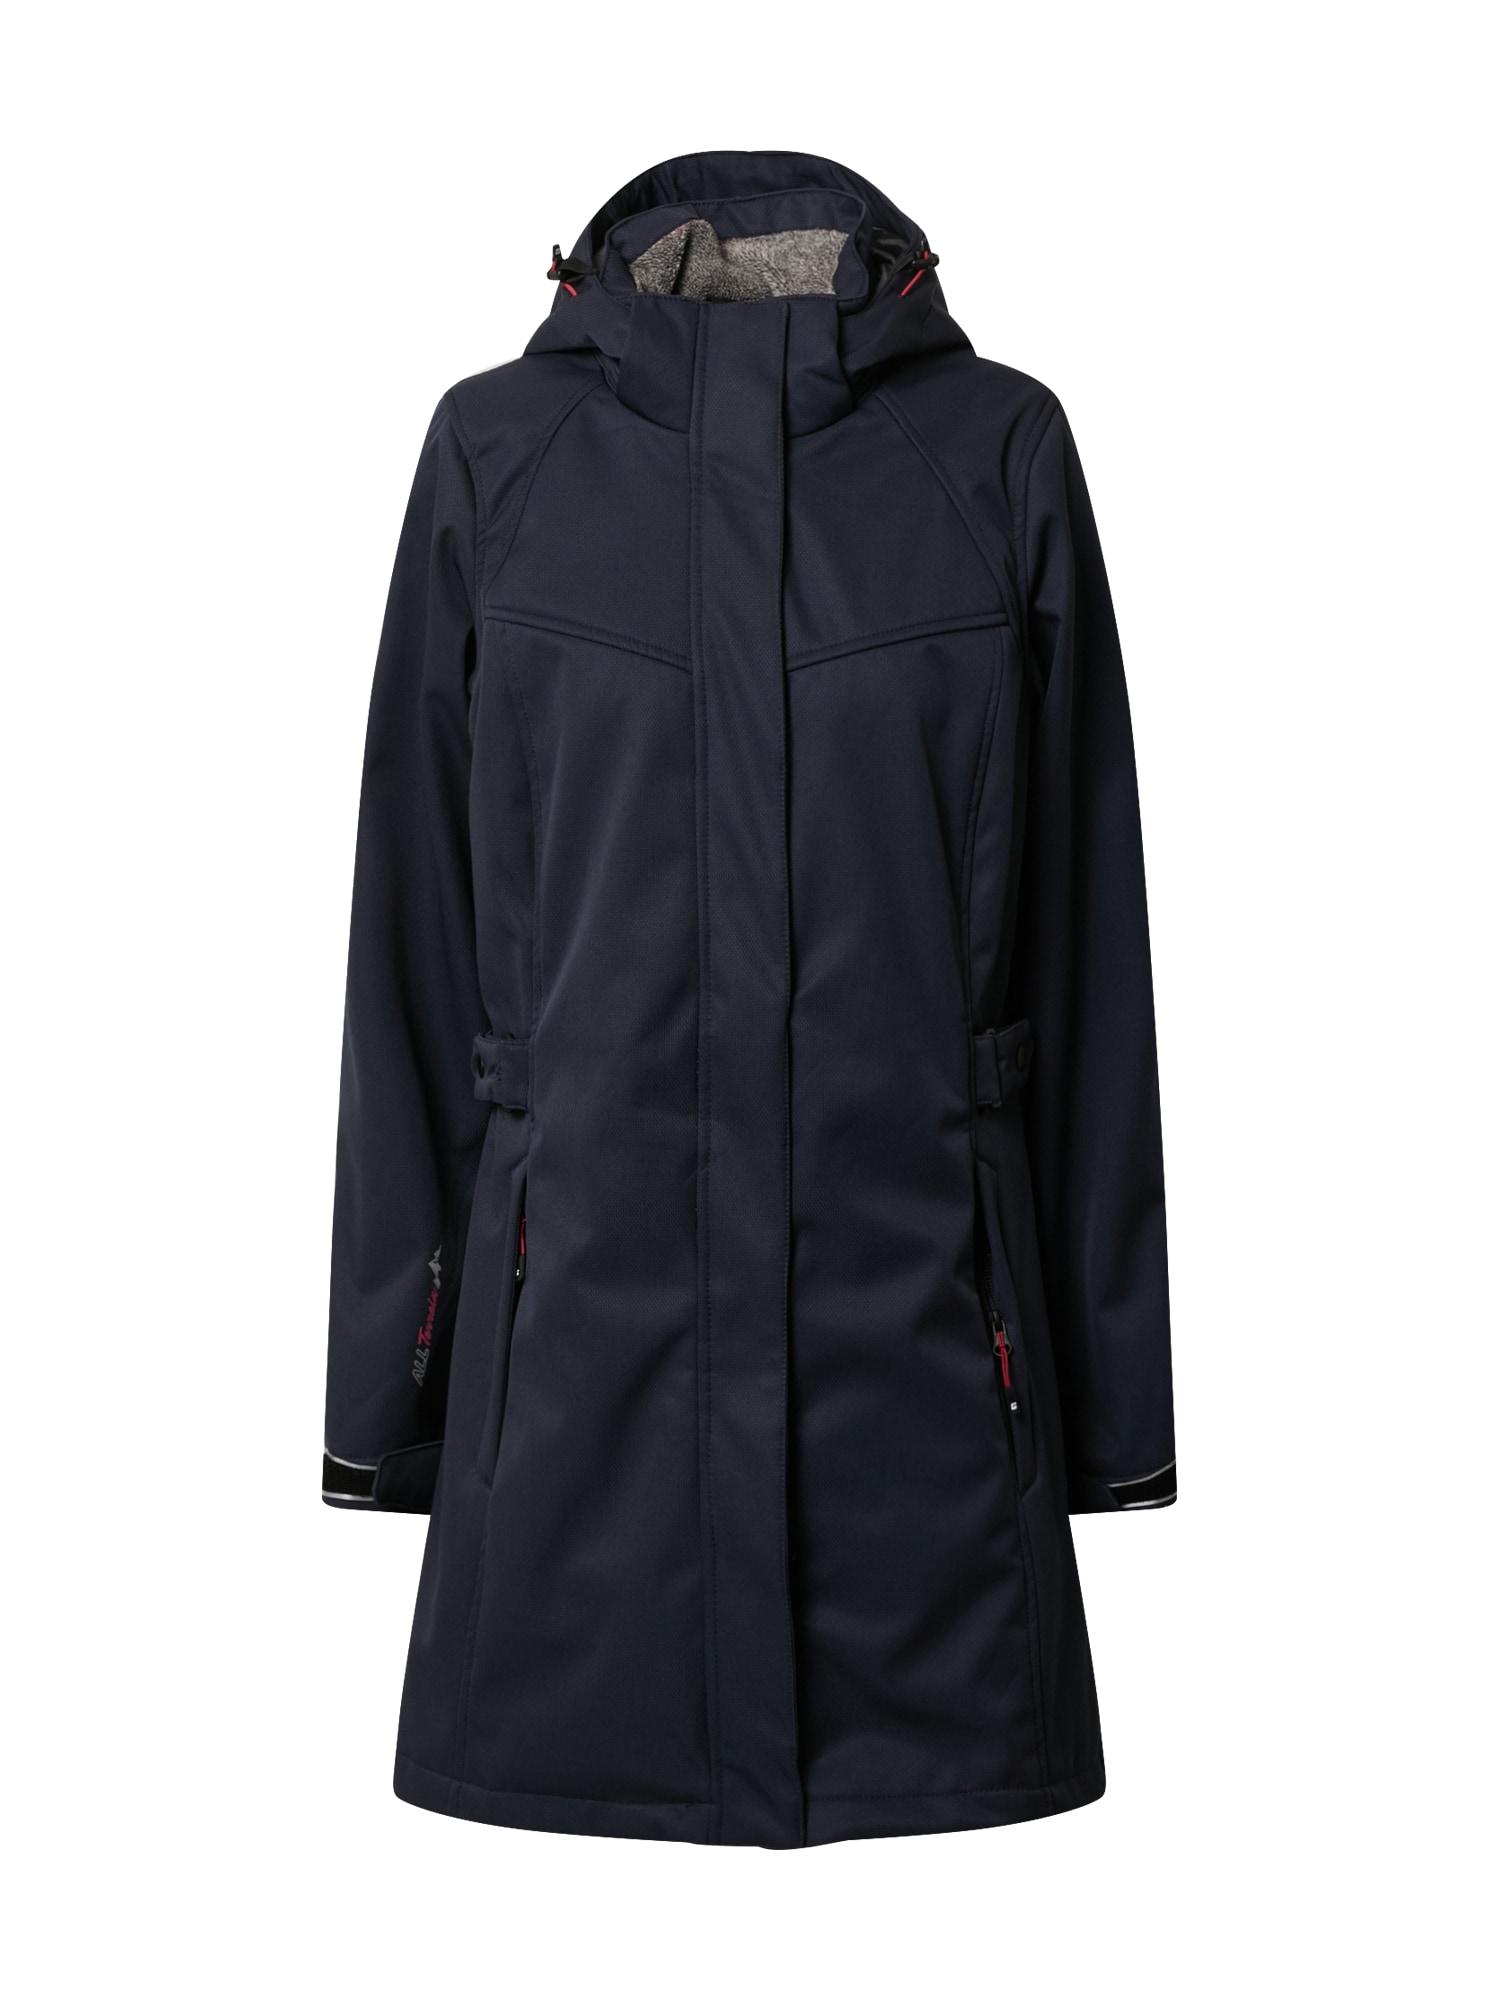 KILLTEC Outdoorový kabát  námořnická modř